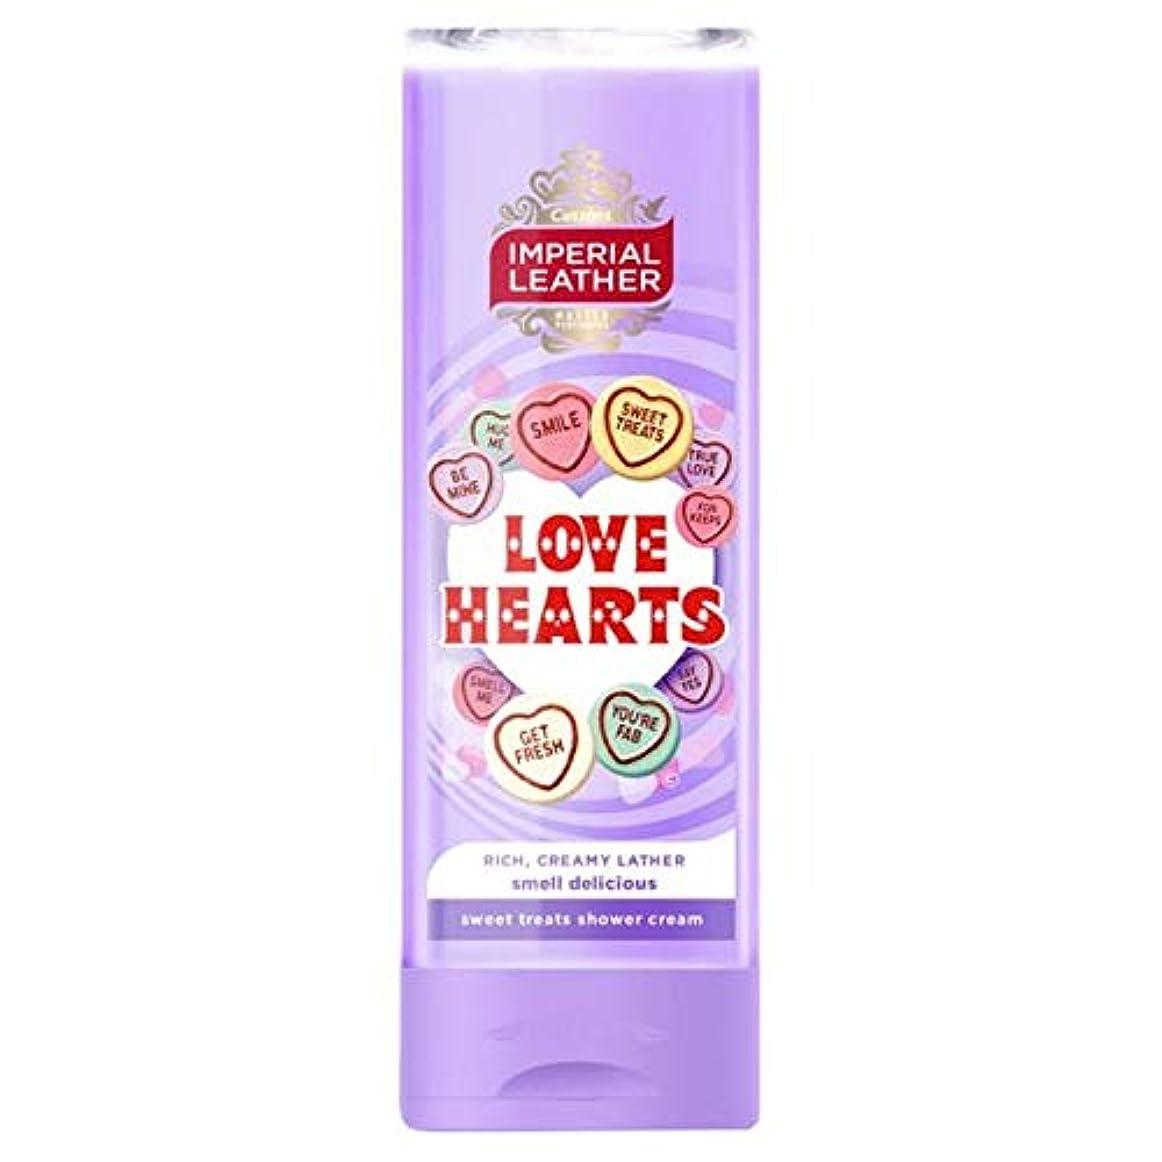 酸可愛い記憶[Imperial Leather ] 帝国革の愛の心シャワージェル250ミリリットル - Imperial Leather Love Hearts Shower Gel 250Ml [並行輸入品]